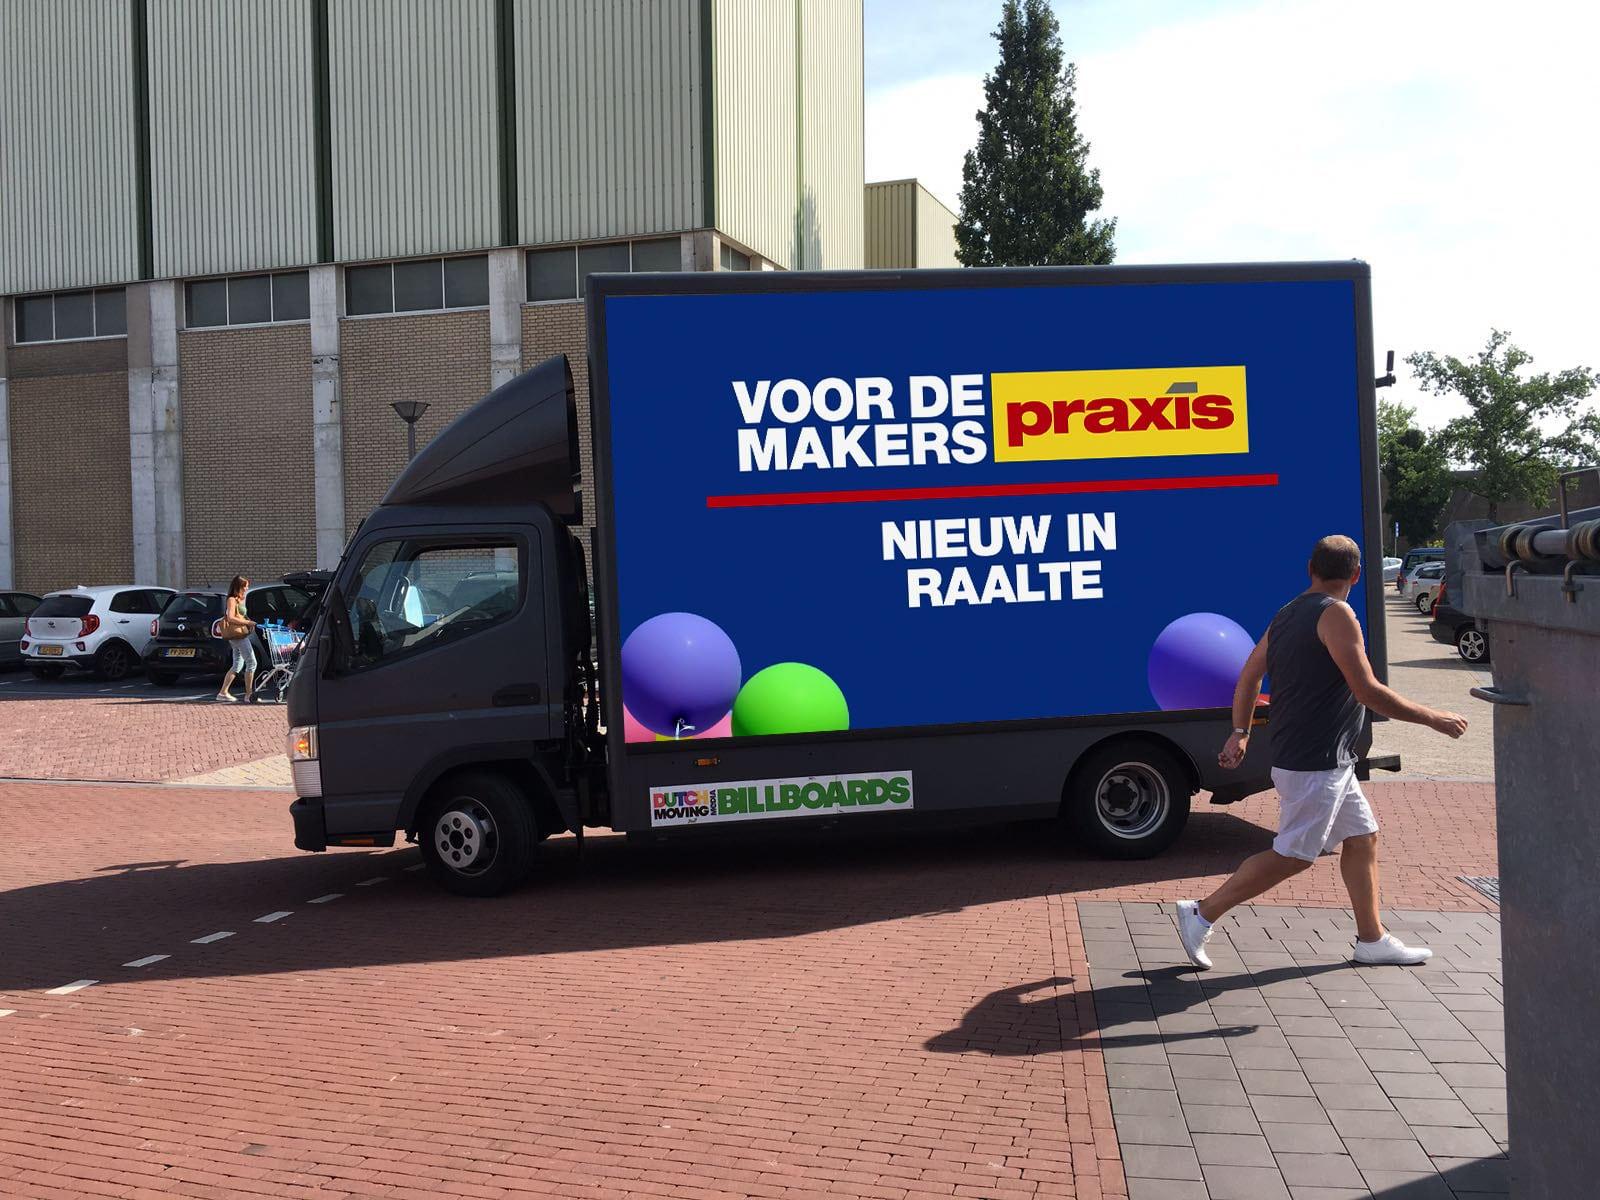 De-moving-led-truck-valt-op-bij-praxis